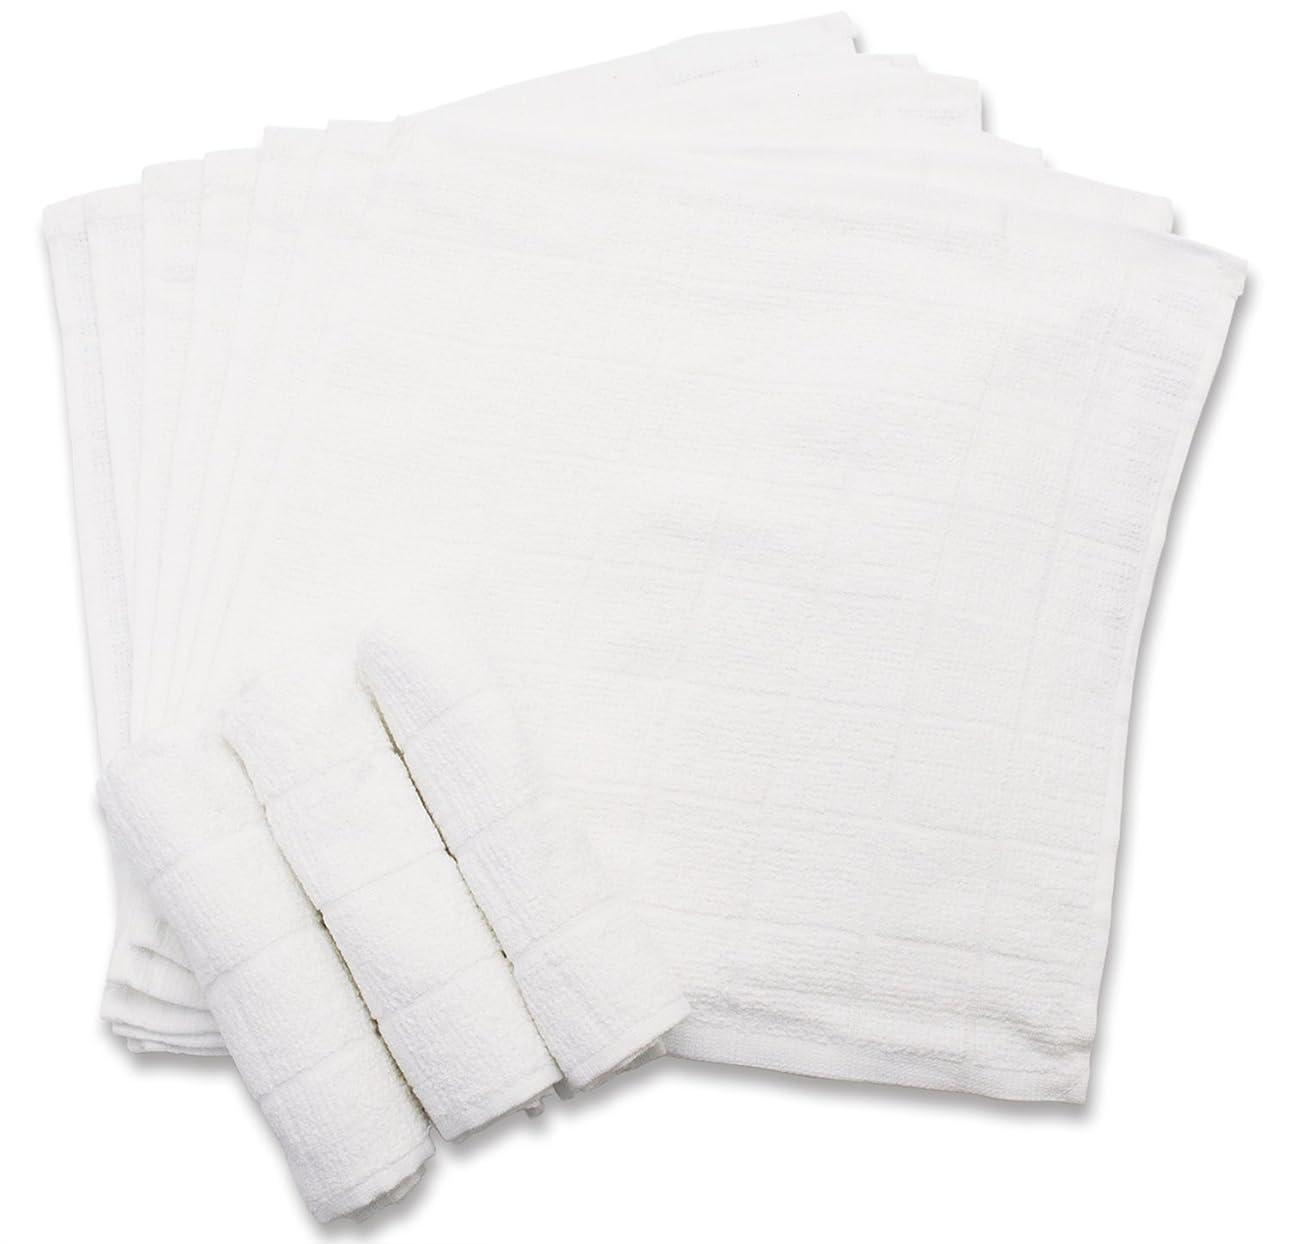 ジョセフバンクスファンスポットおしぼり 格子柄タオル 業務用 10枚入り 綿100% ホワイト 28×28cm